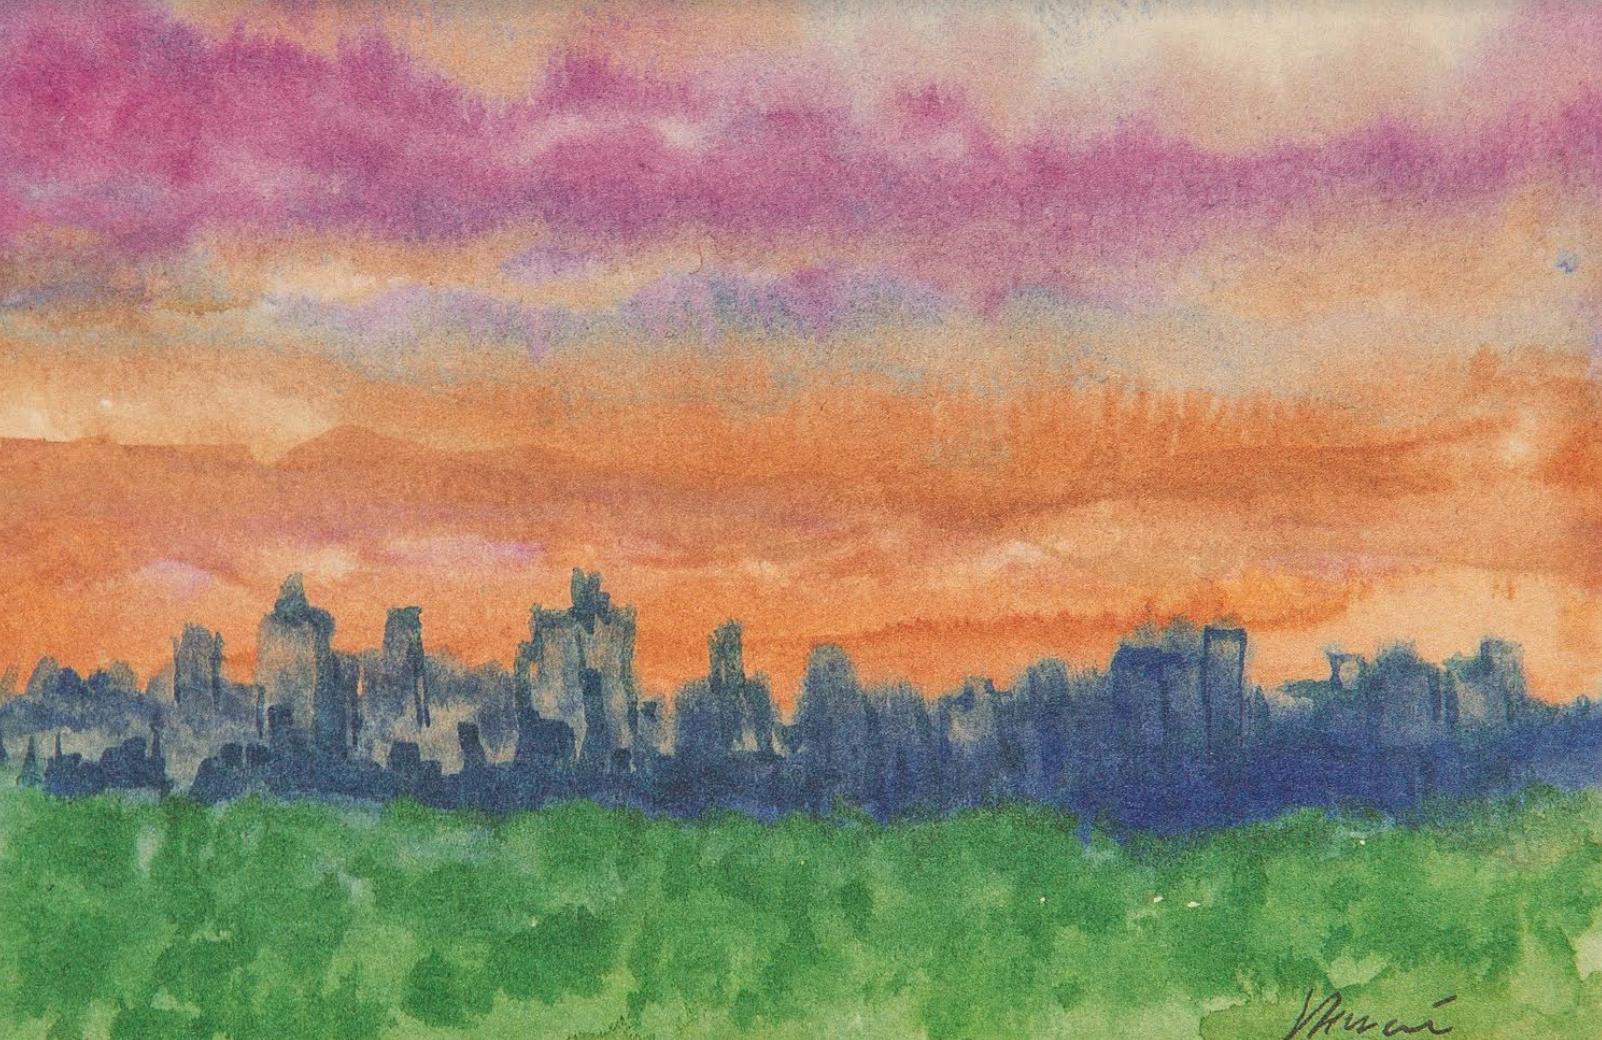 Dawn at the Ritz Carlton (10 1/2 x 12 1/2)